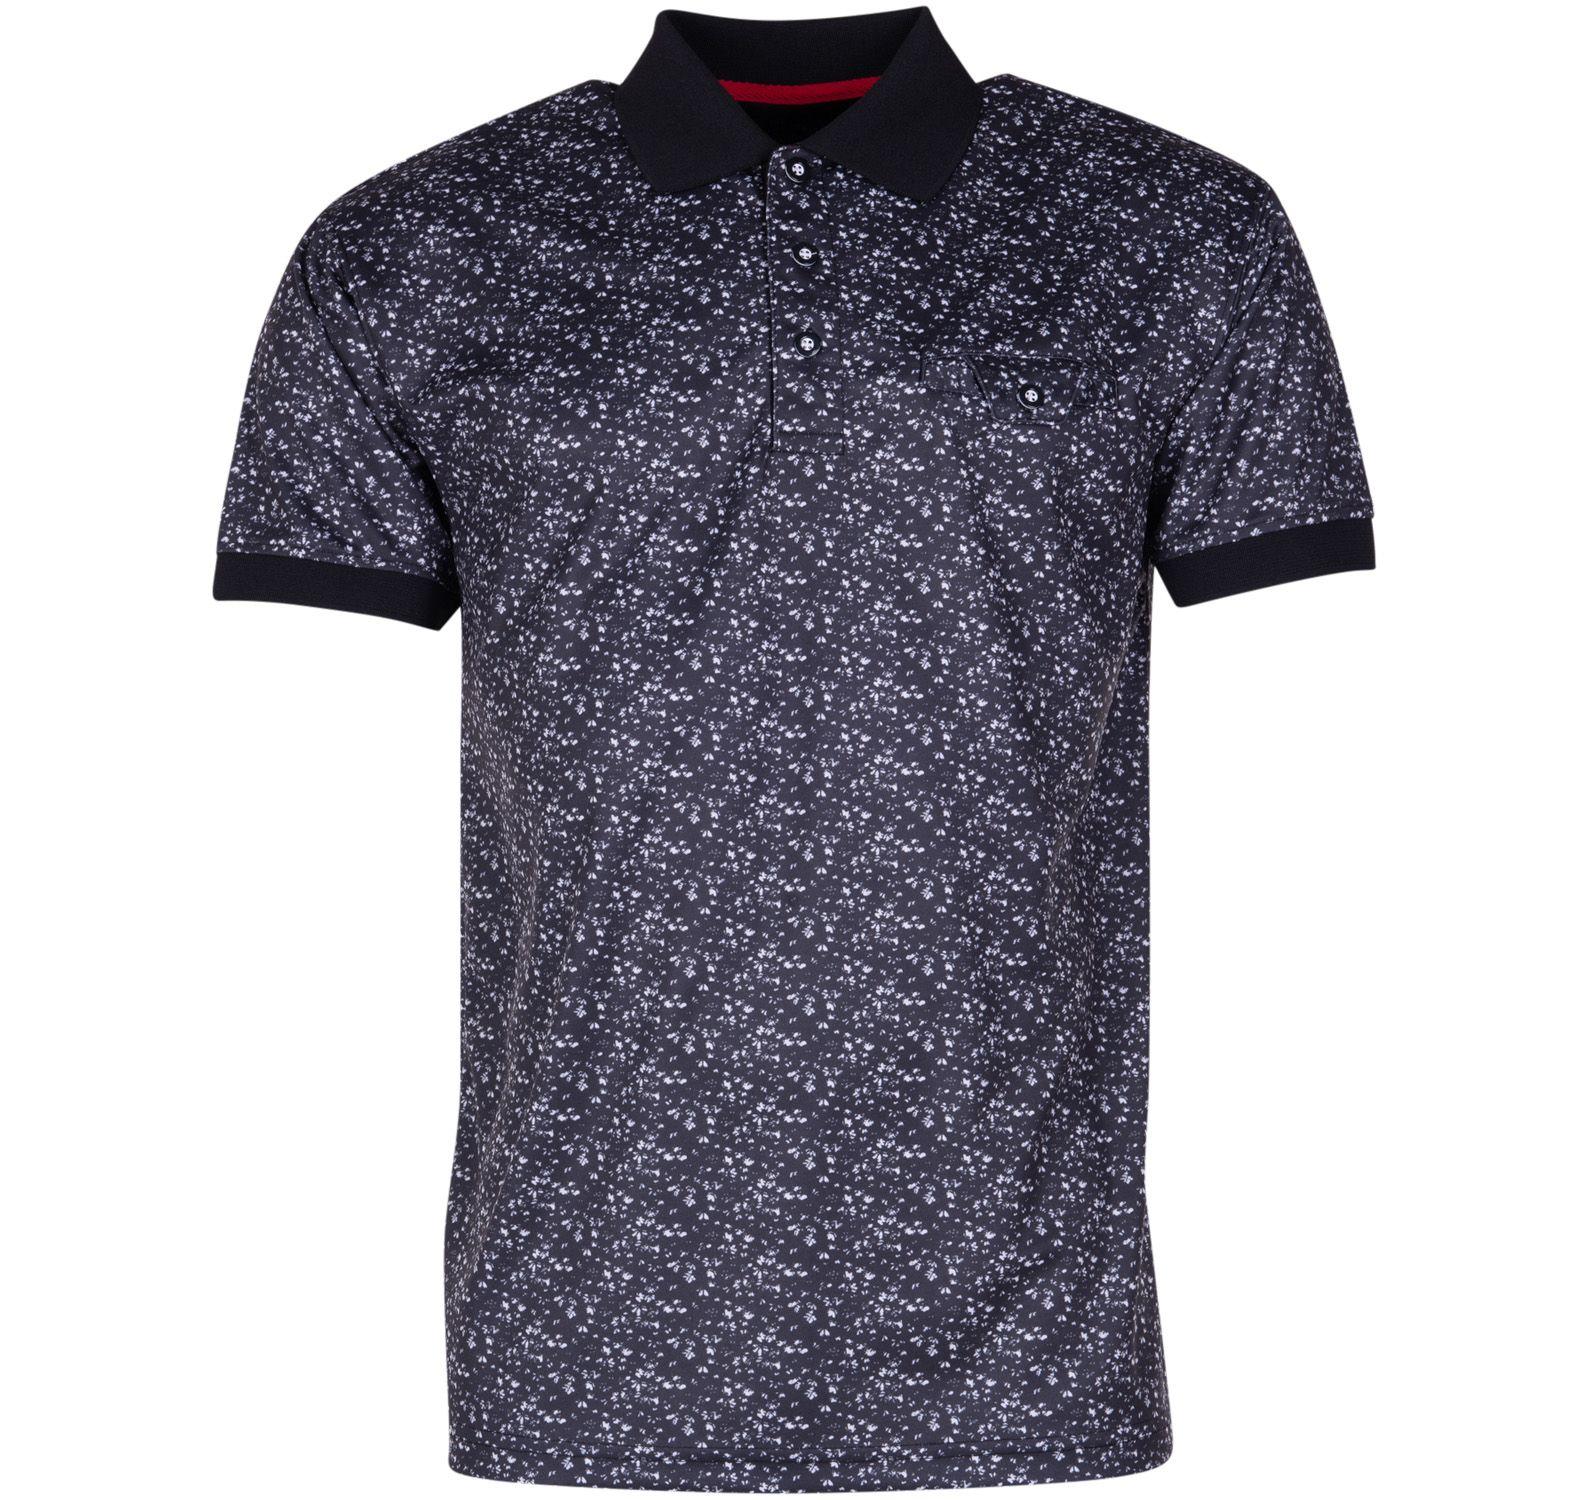 shirt 1903 black s, black, m, varumärken